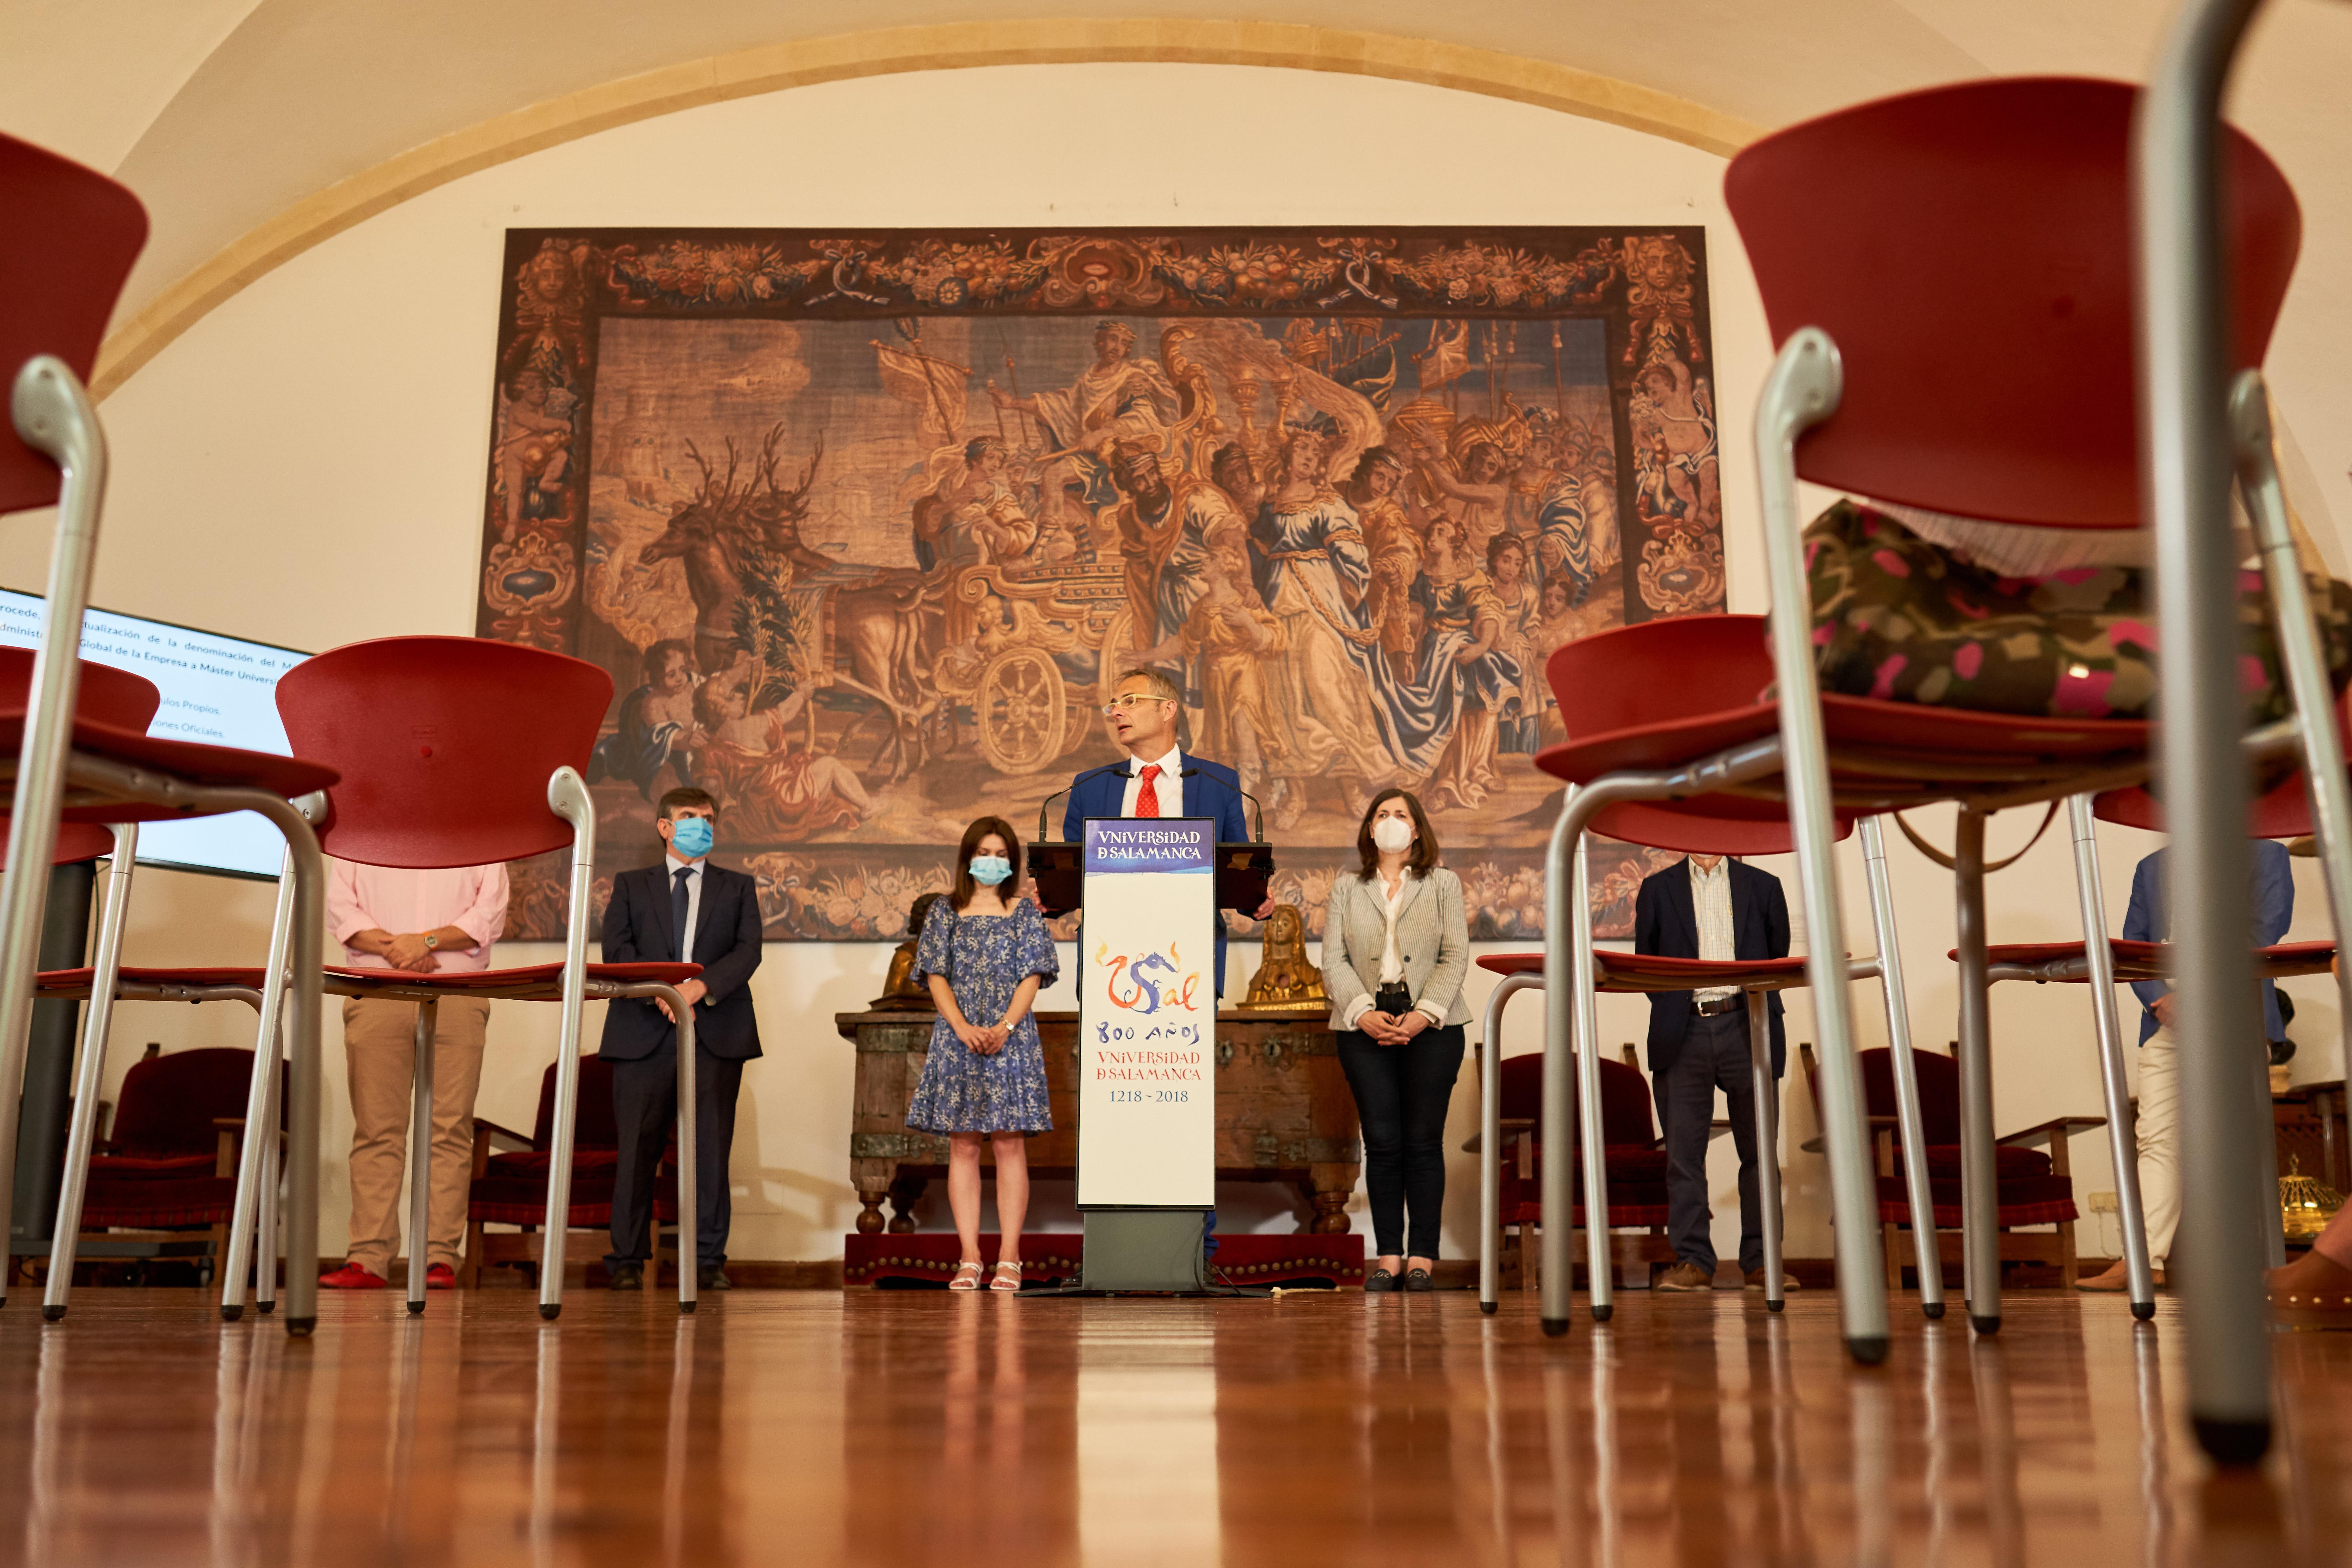 El Consejo de Gobierno de la Universidad de Salamanca aprueba un paquete de ayudas para los estudiantes, el refuerzo de la plantilla docente, la creación de un nuevo campus virtual y el modelo de presencialidad segura para el curso académico 2020-2021